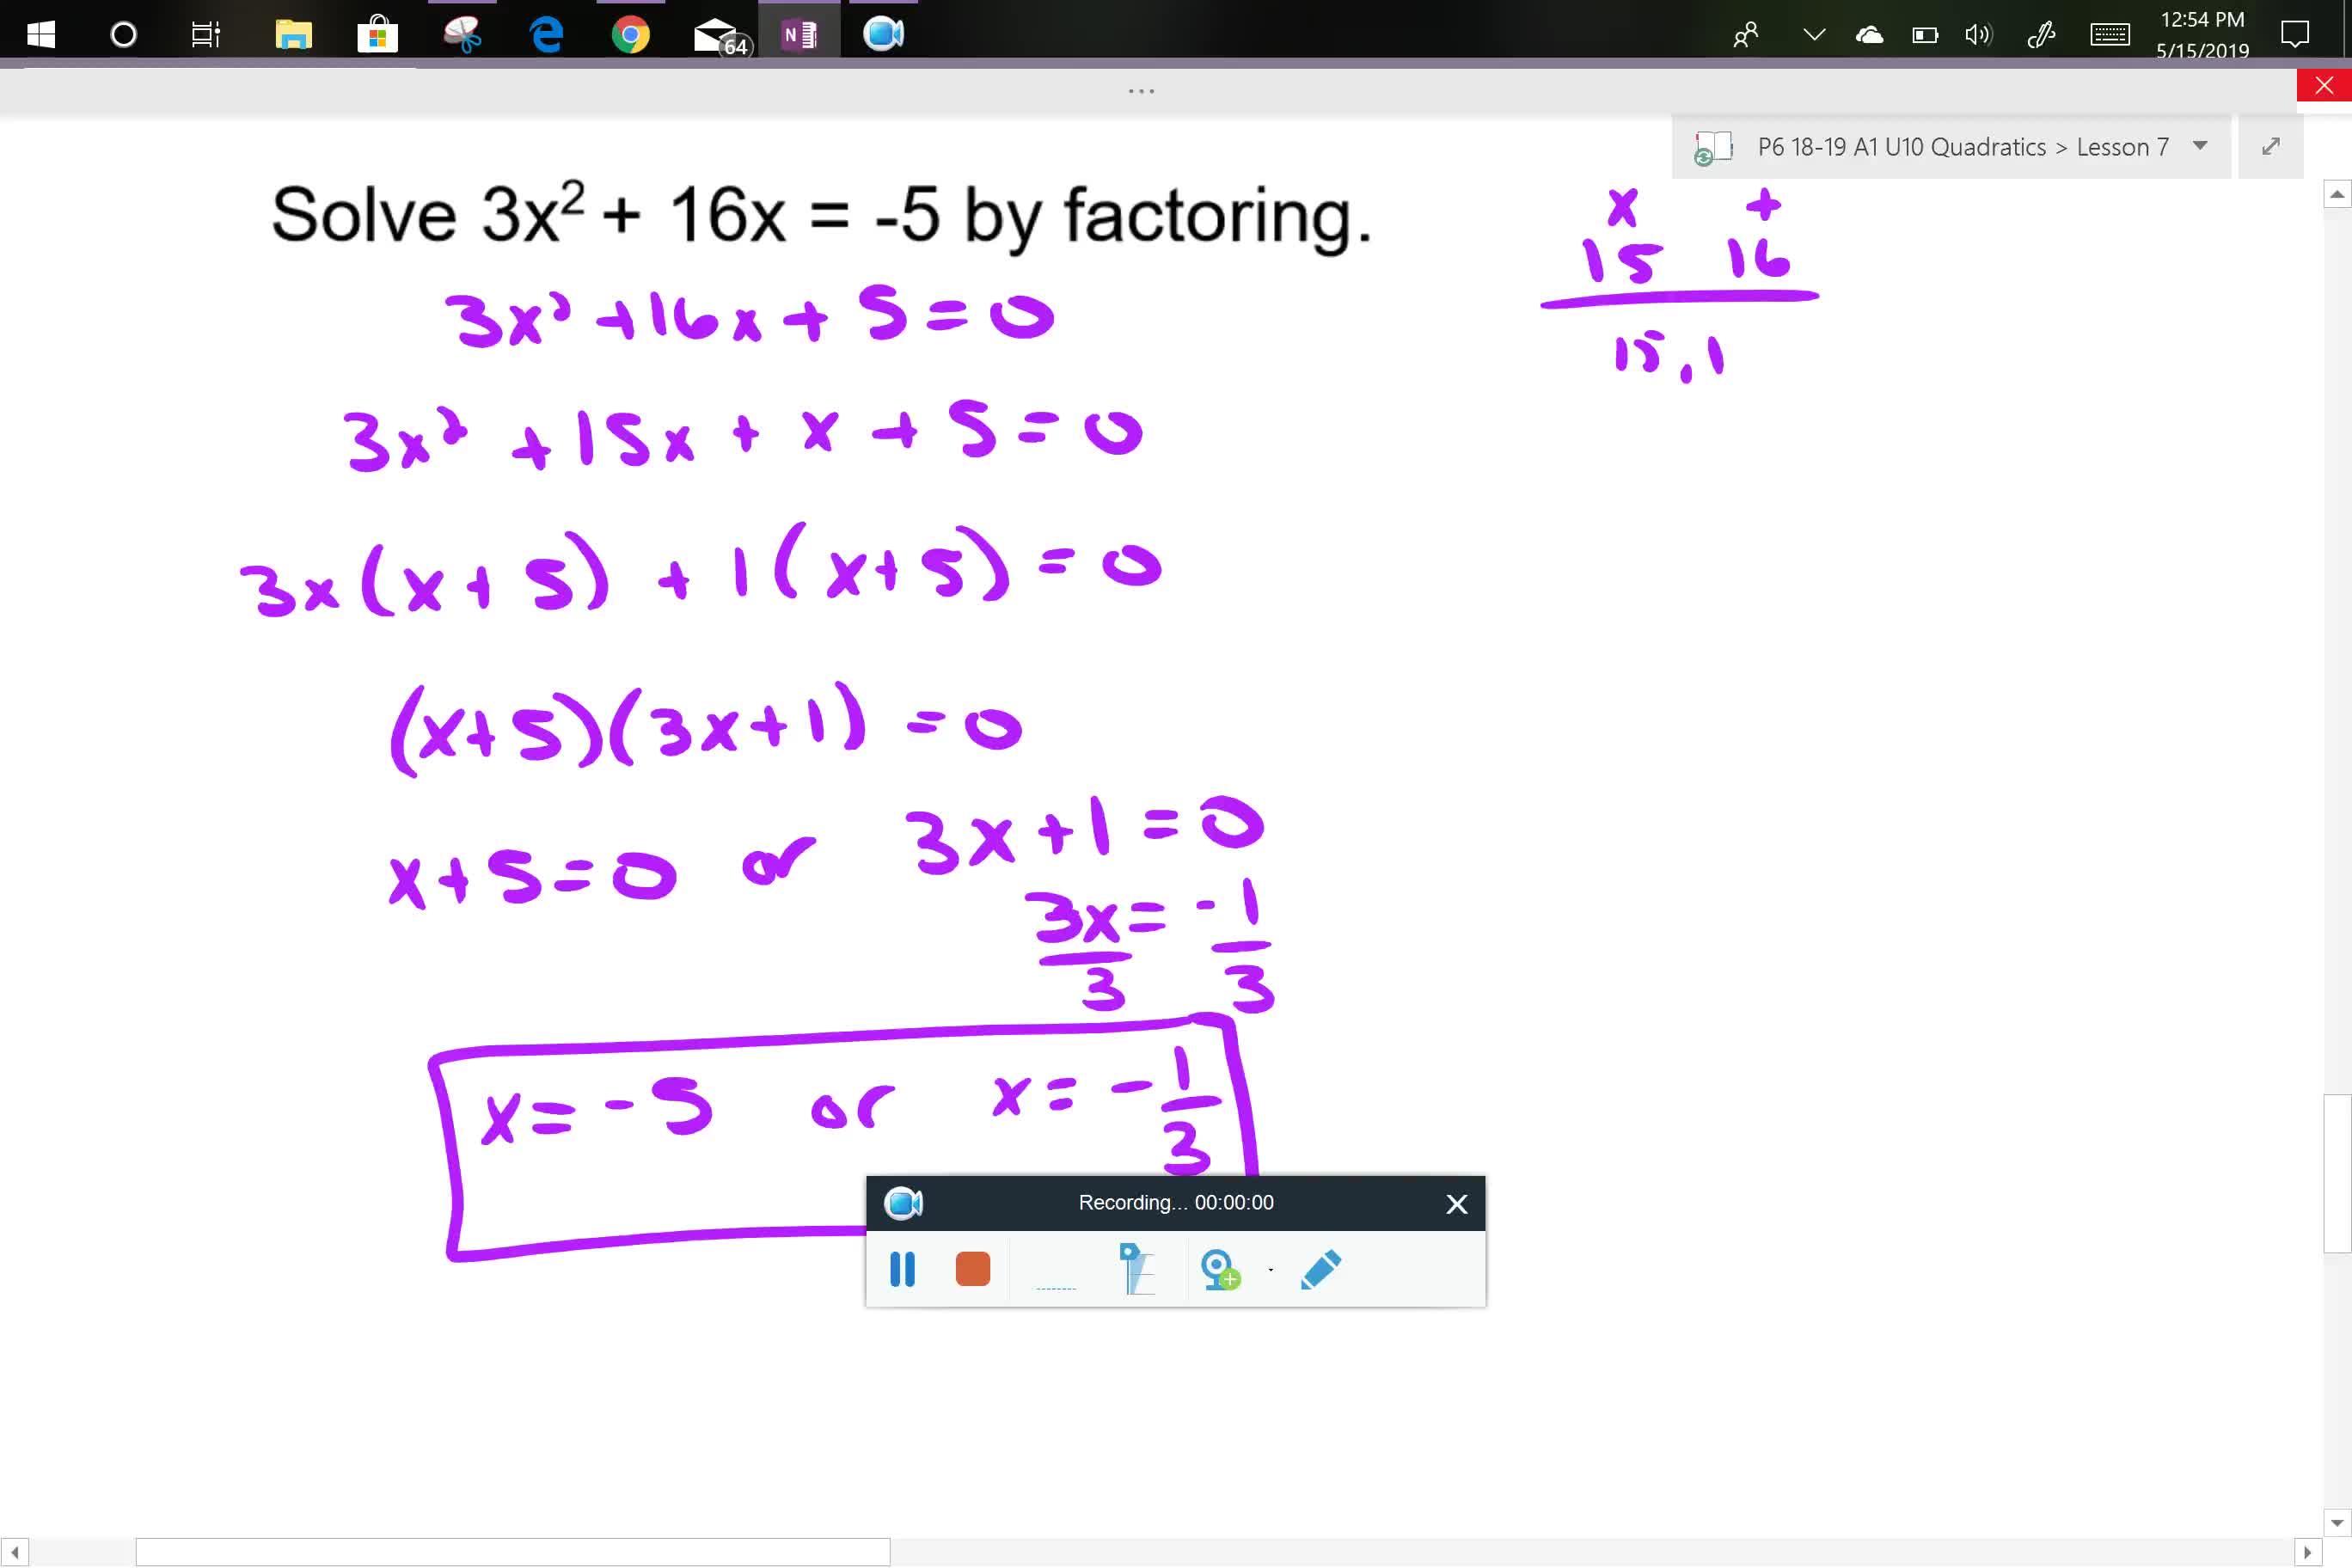 A1 U10L7 notes part 3